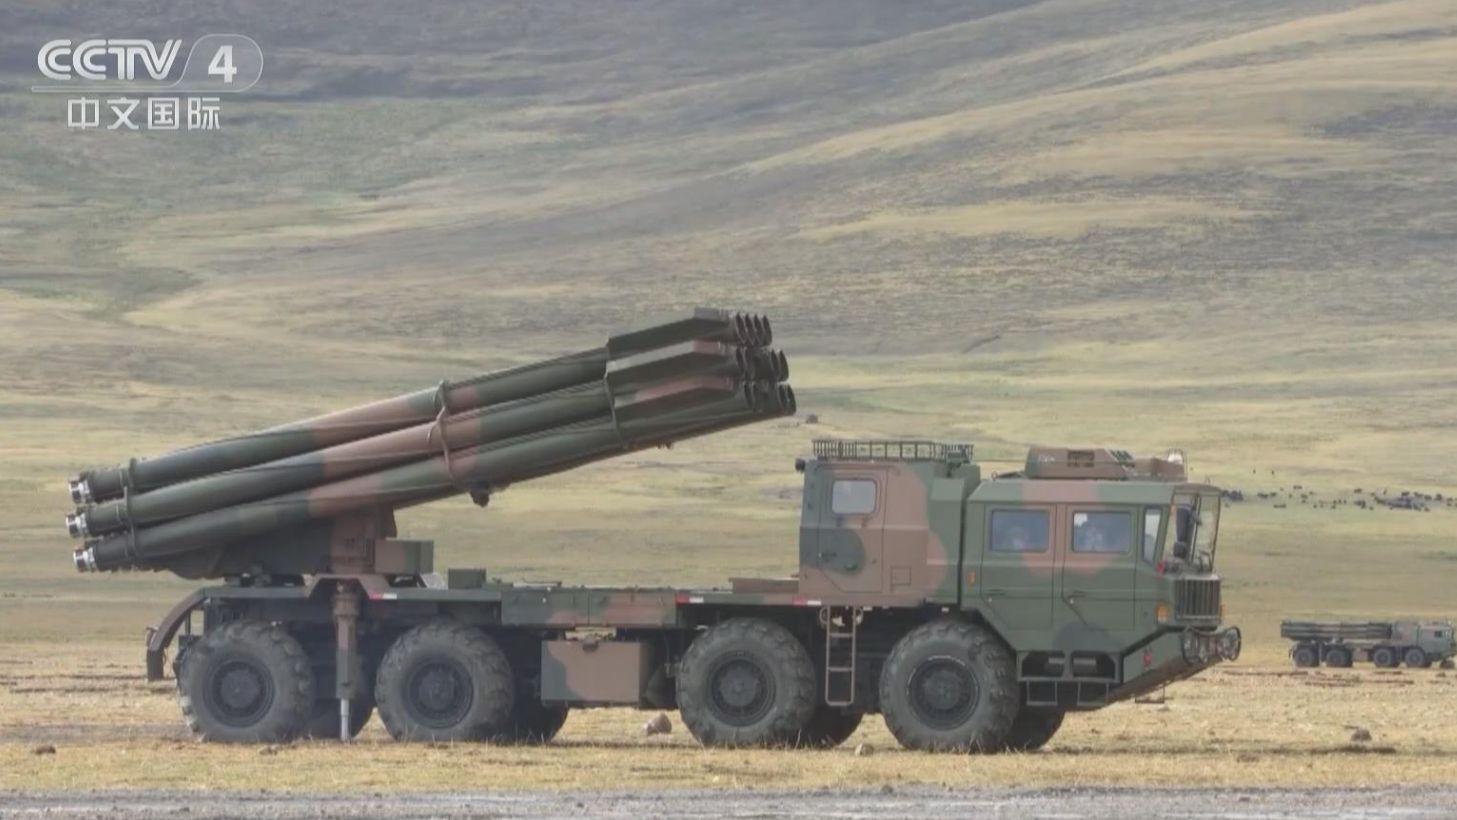 西藏軍區:海拔4700米 多炮種極限射程實彈演練